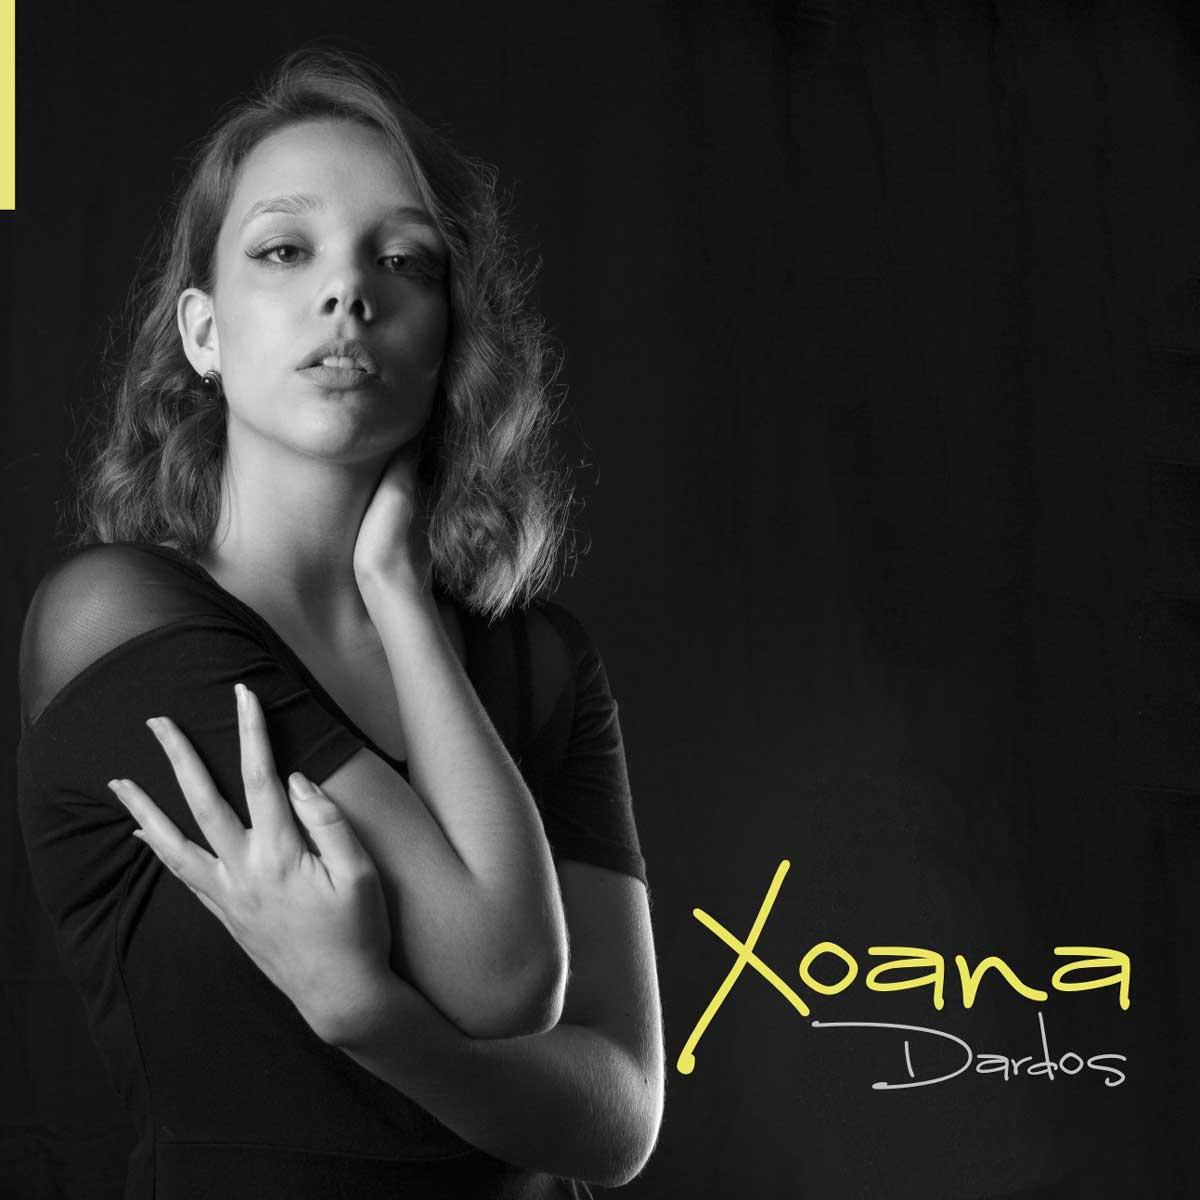 Xoana - Dardos